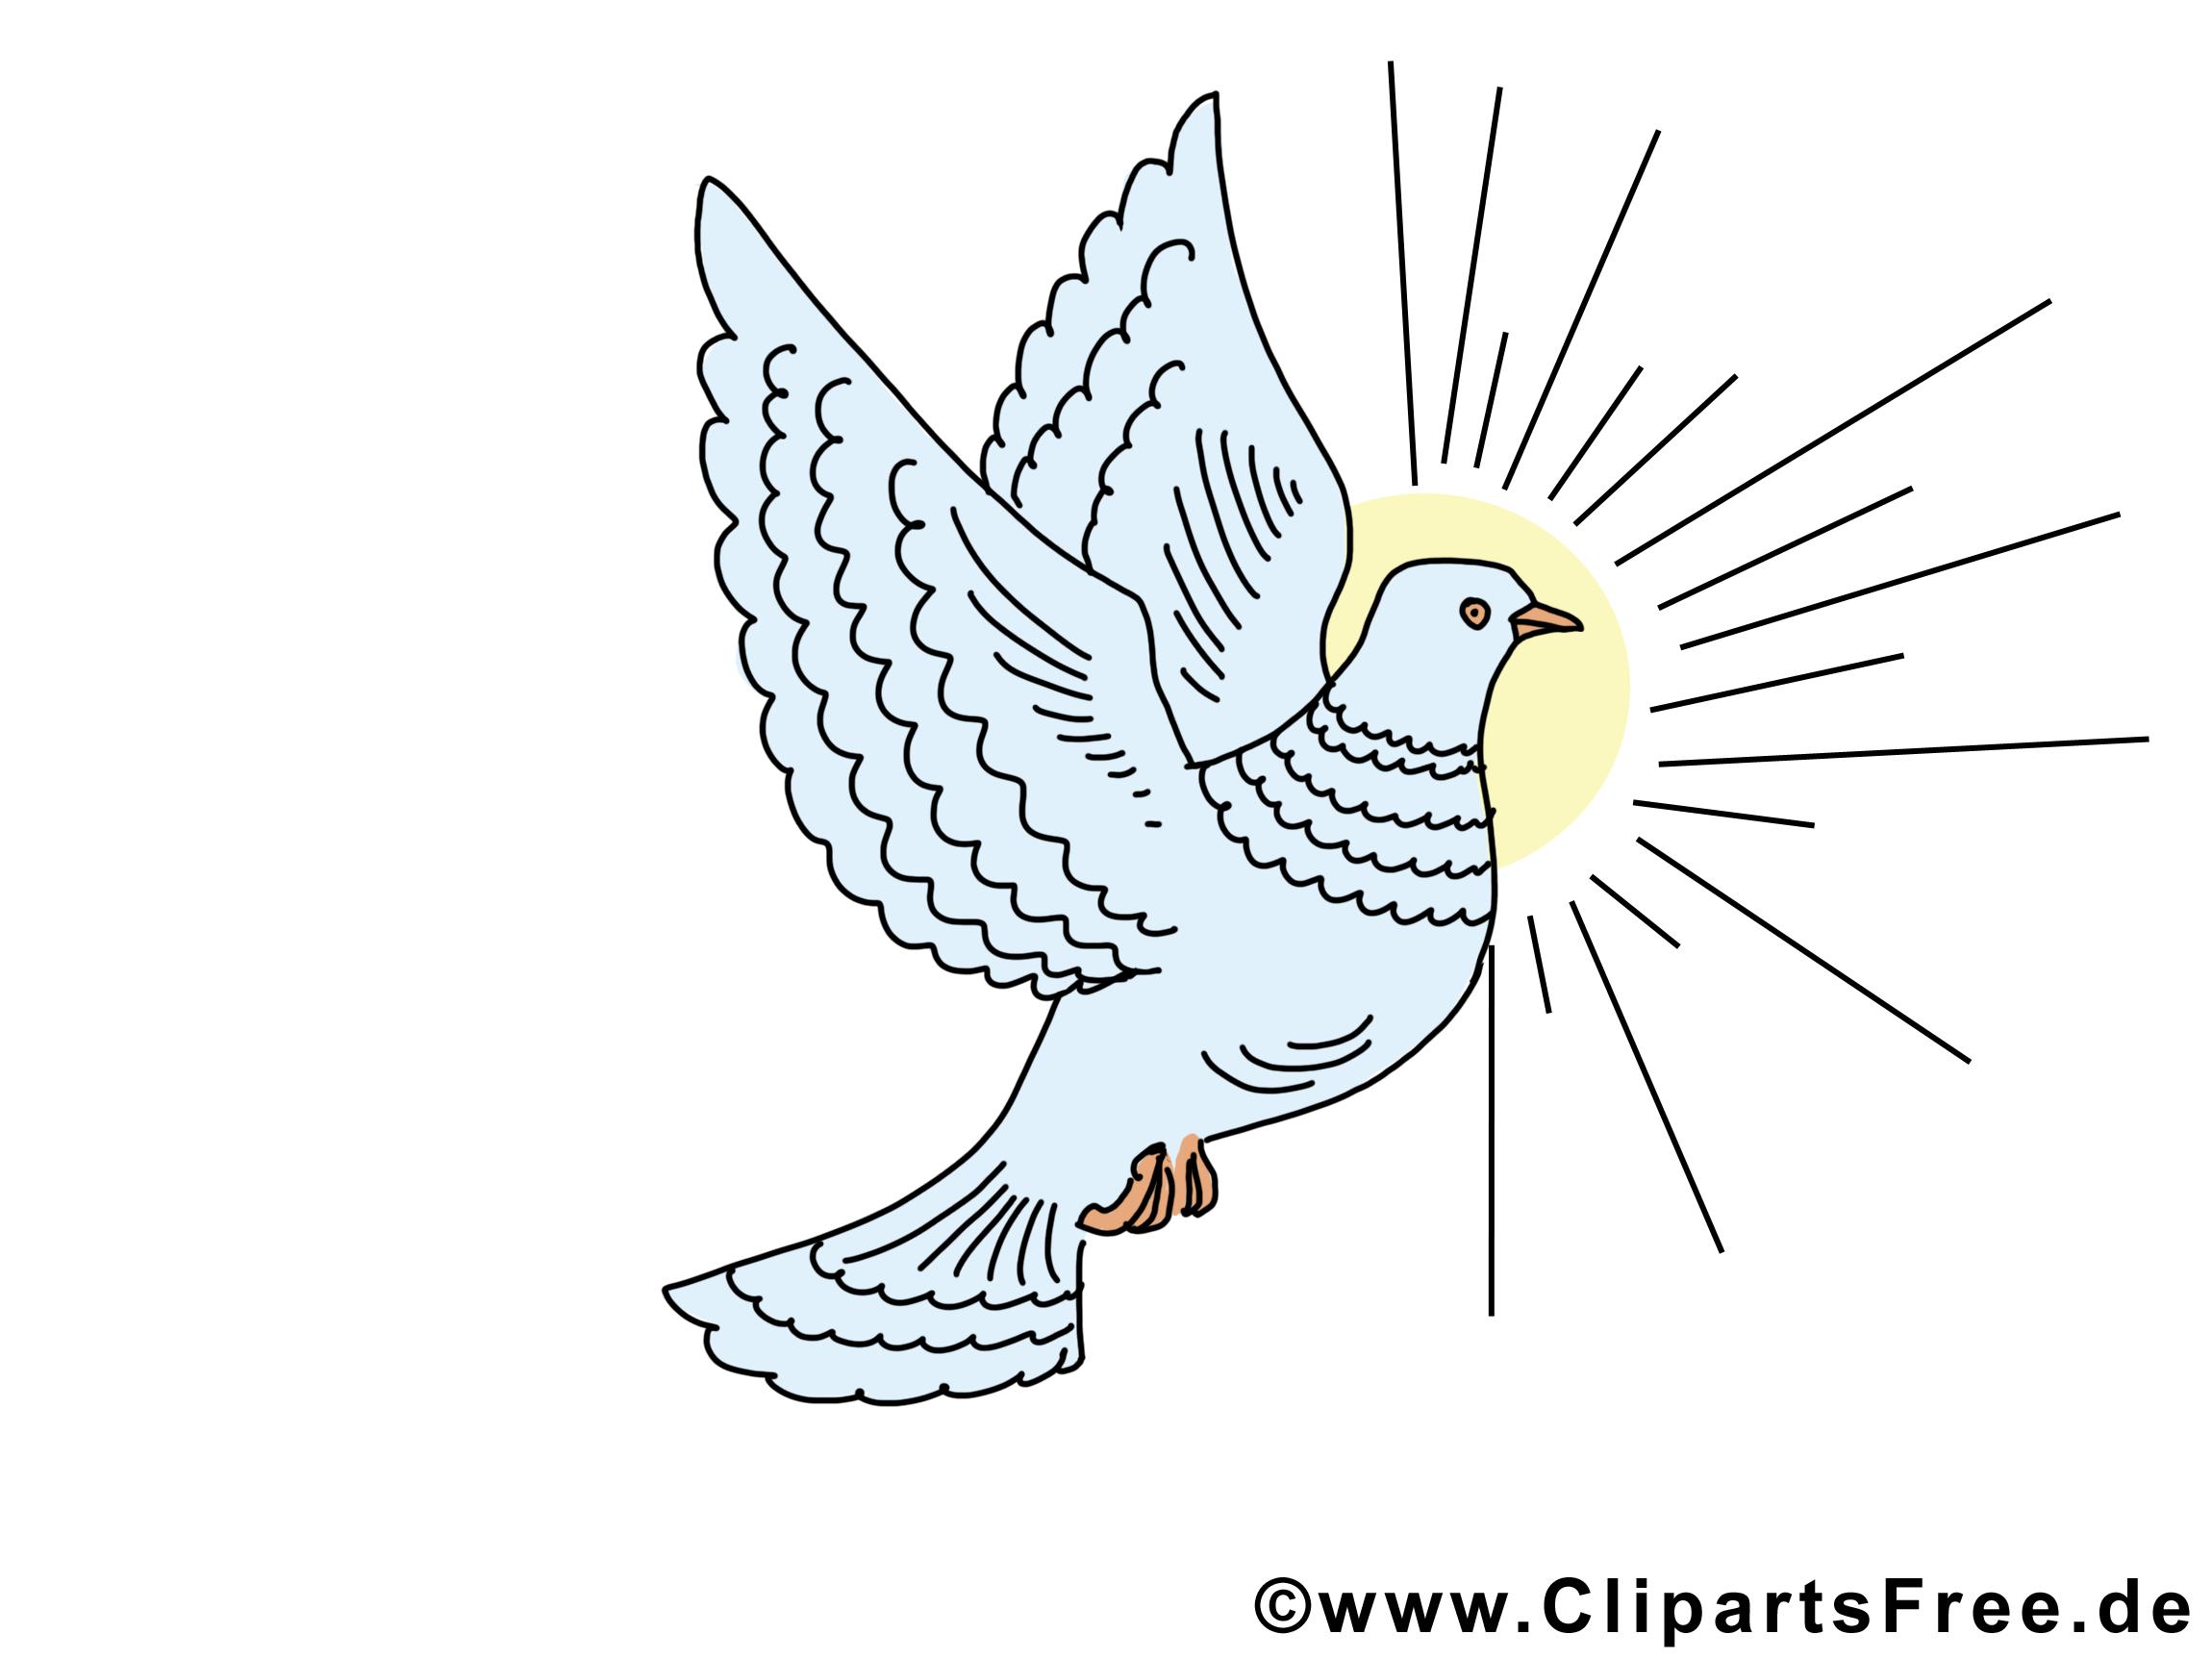 Soleil pentecôte illustration à télécharger gratuite